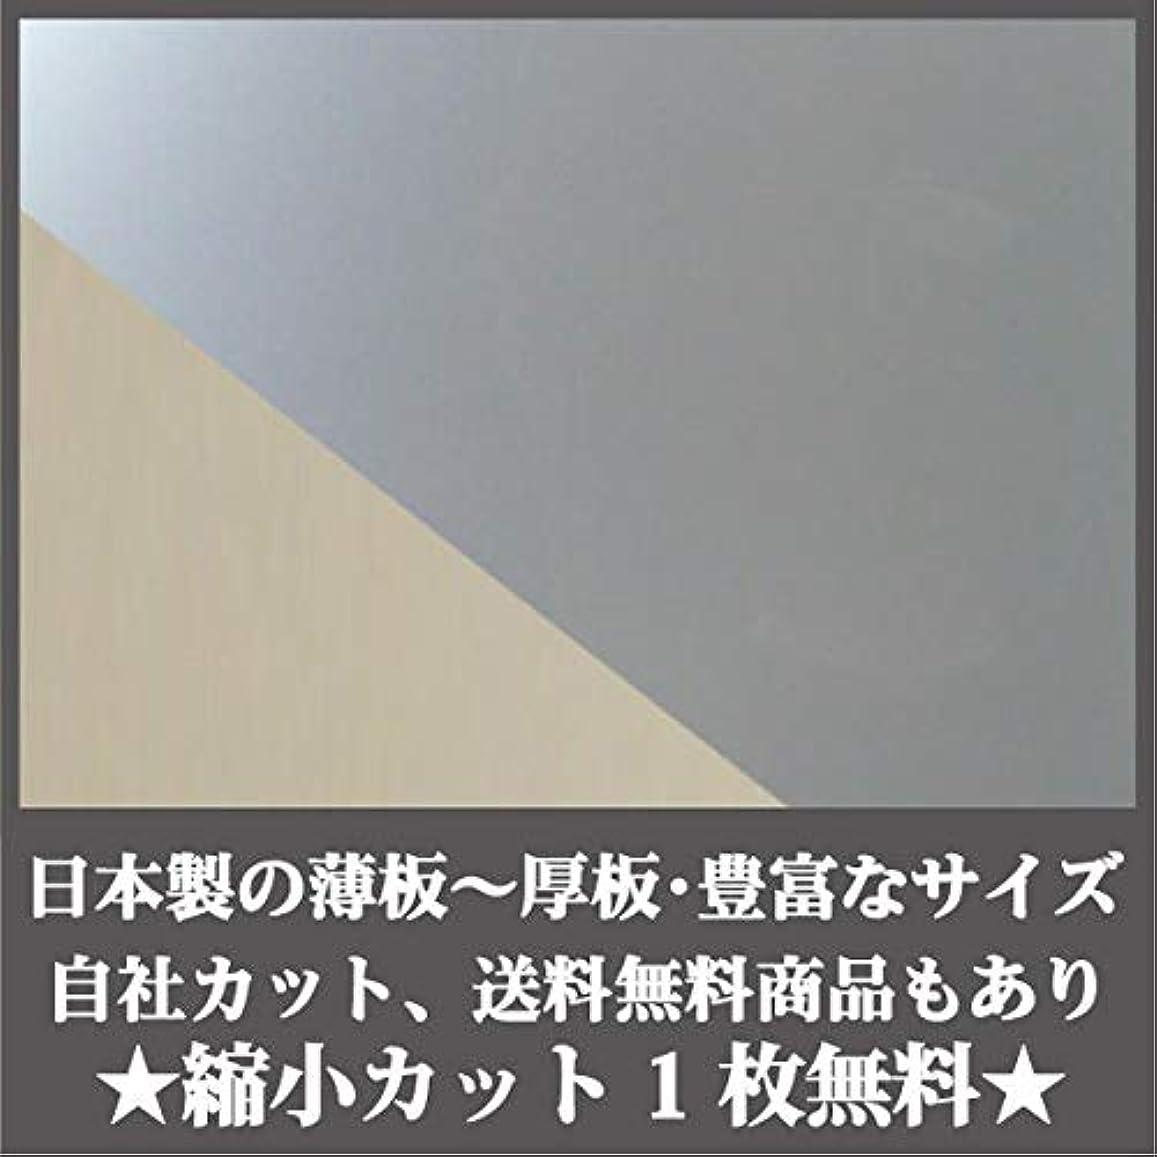 深遠達成する羊飼い日本製 アクリル板 パールグレー(押出板) 厚み3mm 300X300mm 縮小カット1枚無料 カンナ?糸面取り仕上(エッジで手を切る事はありません)(キャンセル返品不可)